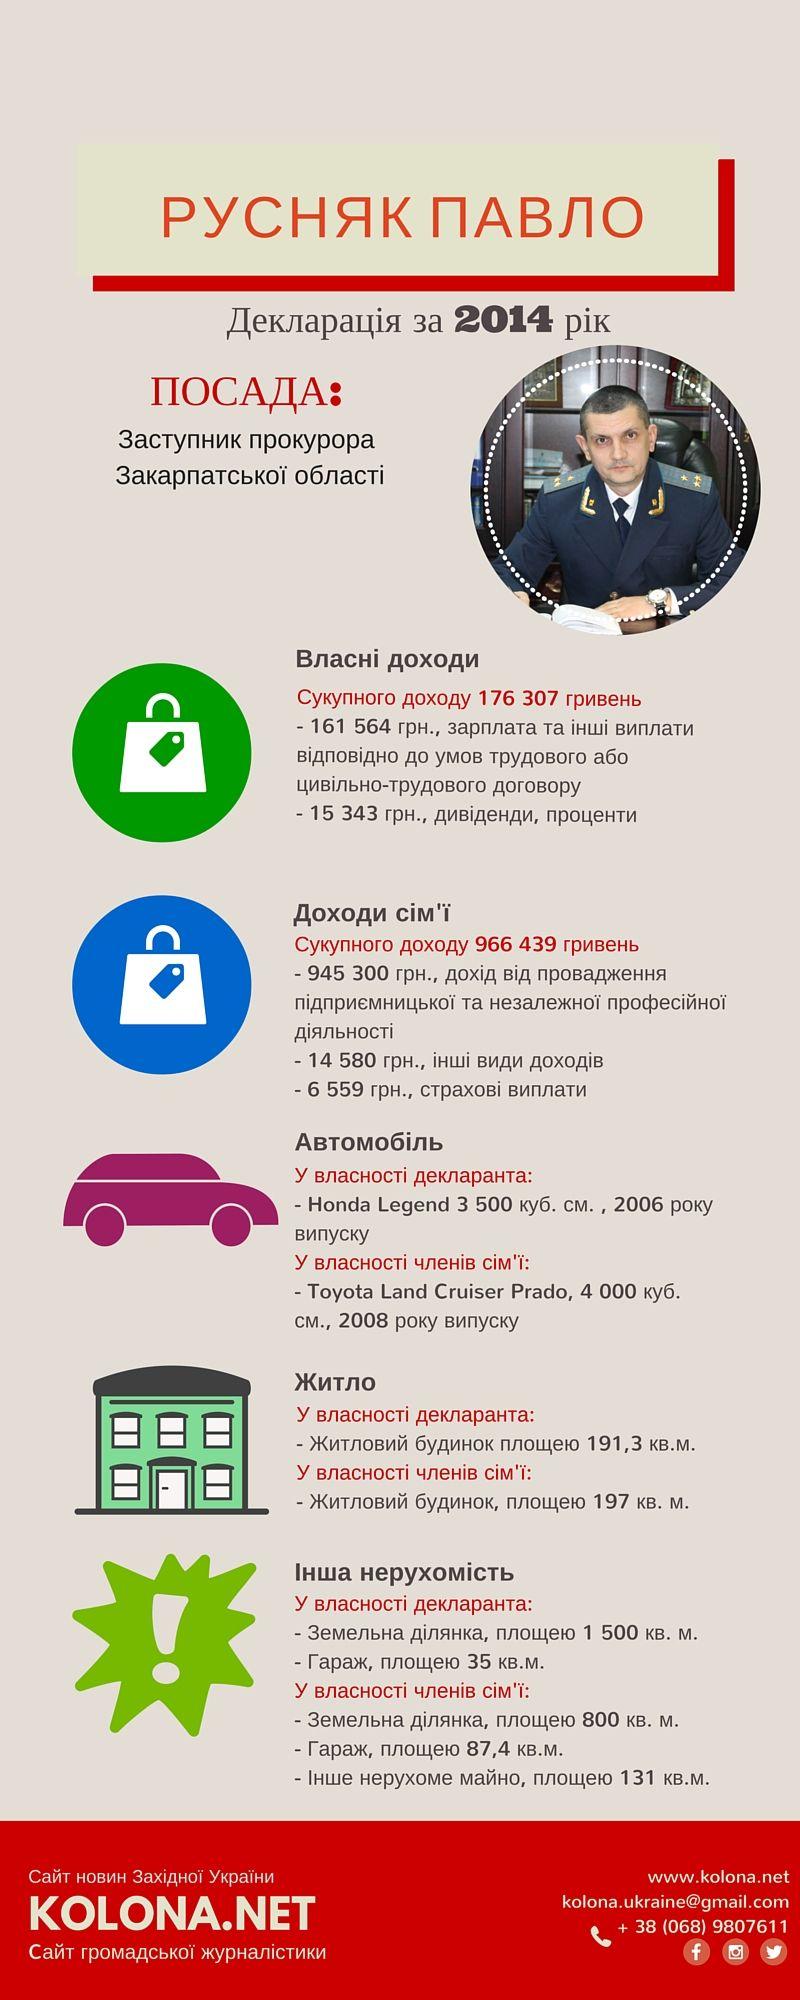 Декларації обласних прокурорів Закарпатської області: Інфографіка